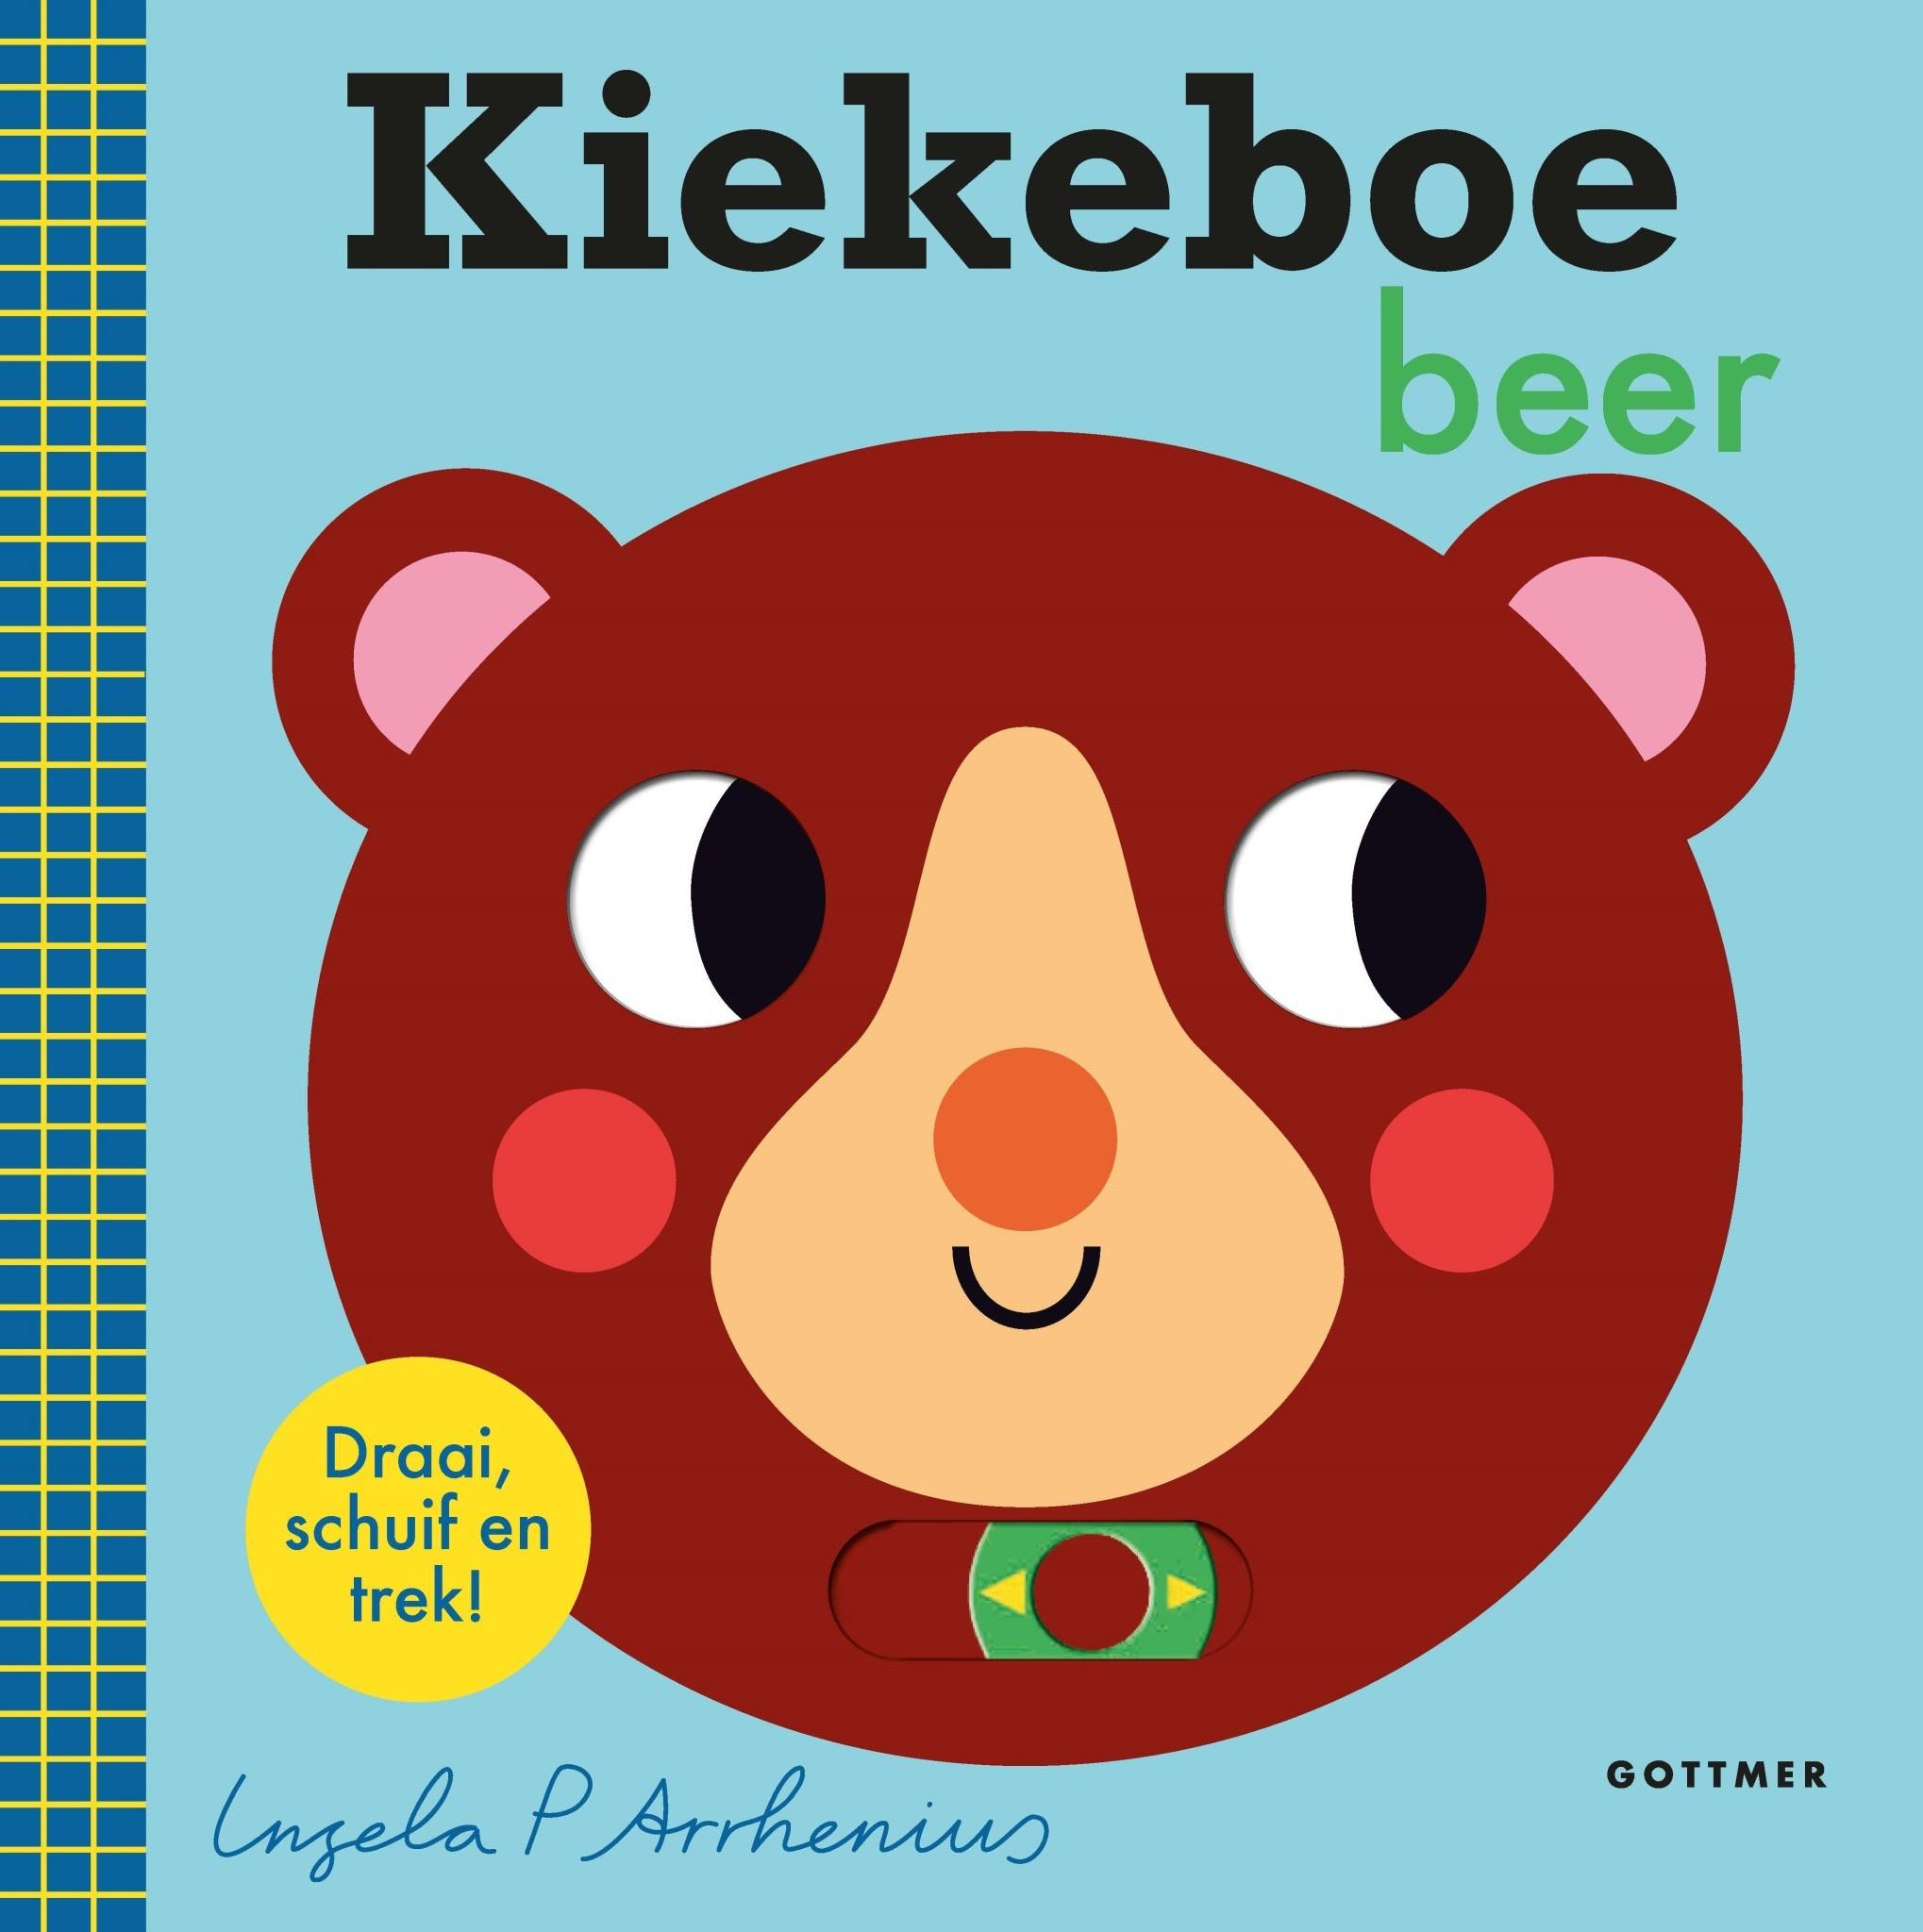 Boek- kiekeboe beer-1